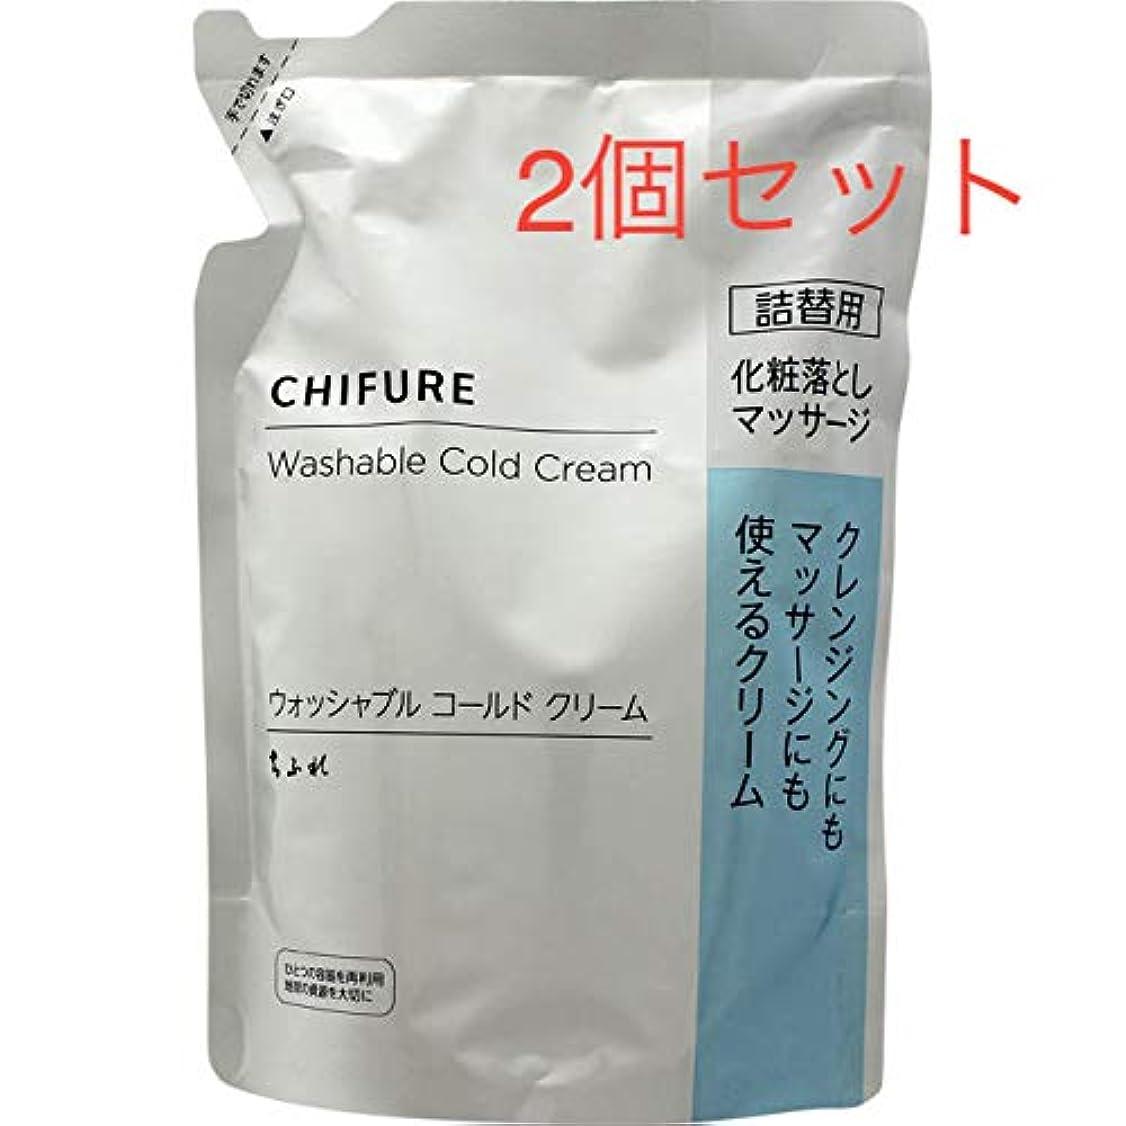 リボン配る世界記録のギネスブックちふれ化粧品 ウォッシャブルコールドクリームN詰替 300g 2個セット